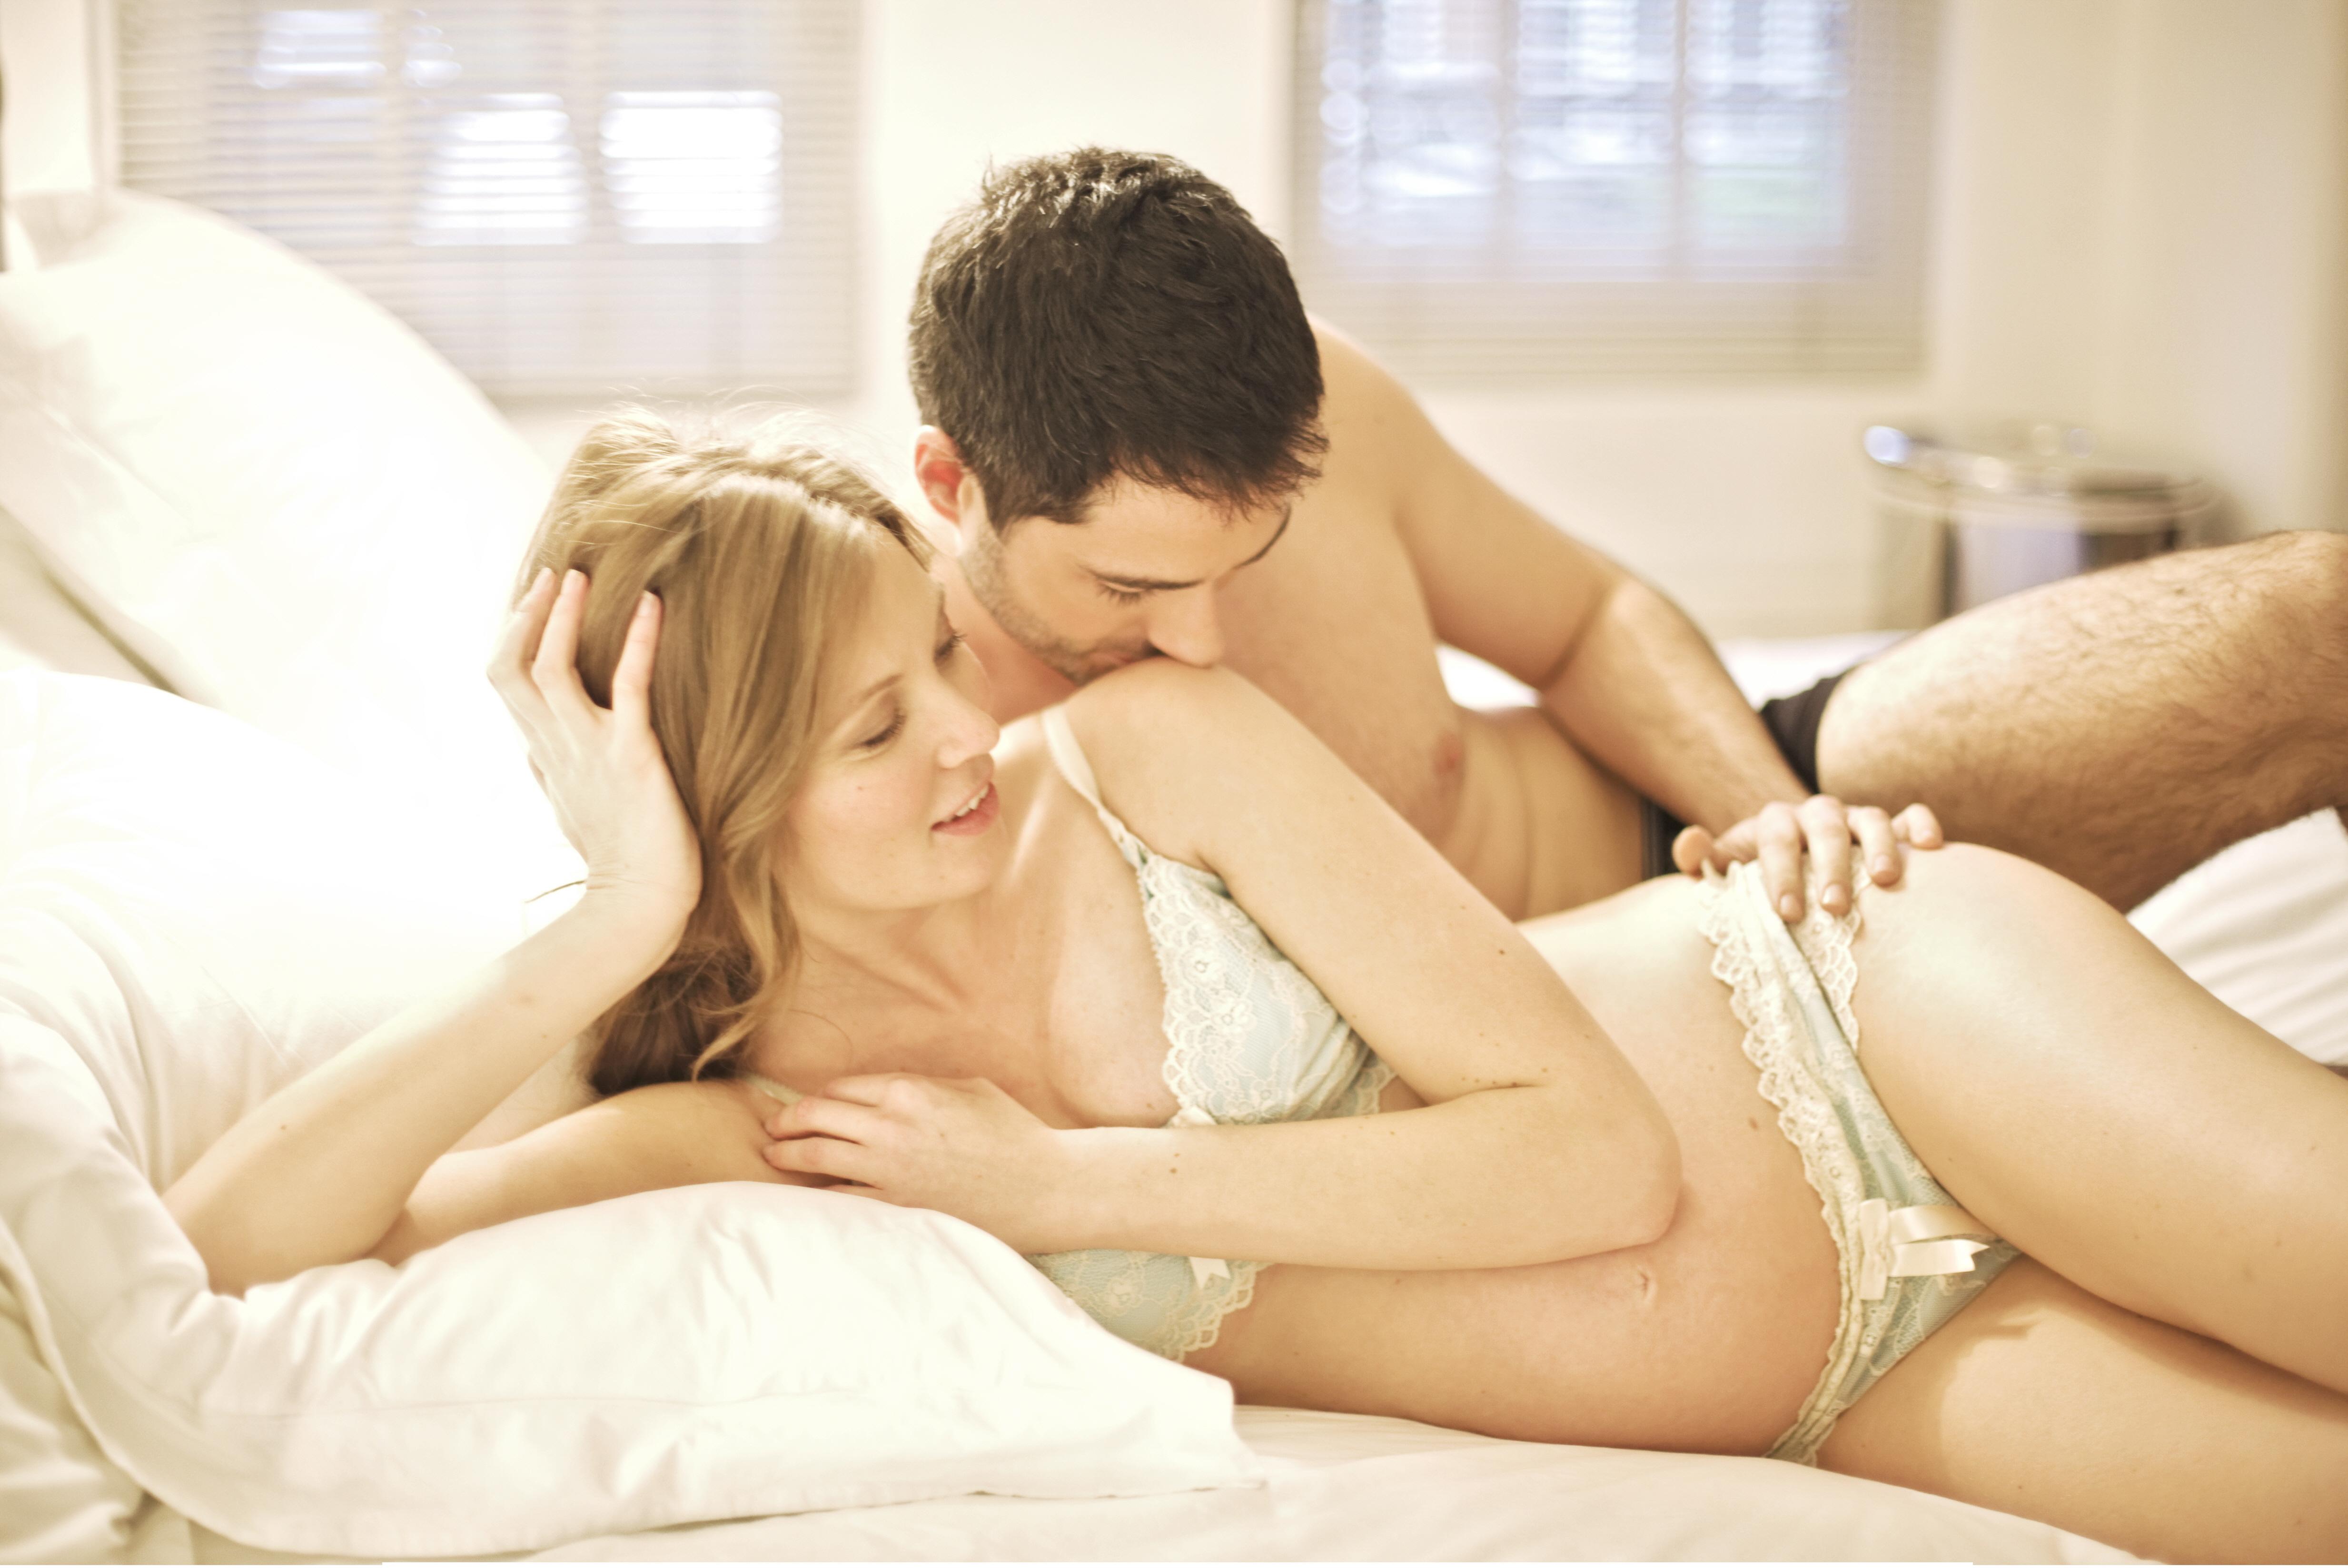 Секс 1080p онлайн, Порно. Только лучшее порно видео в full HD 2 фотография